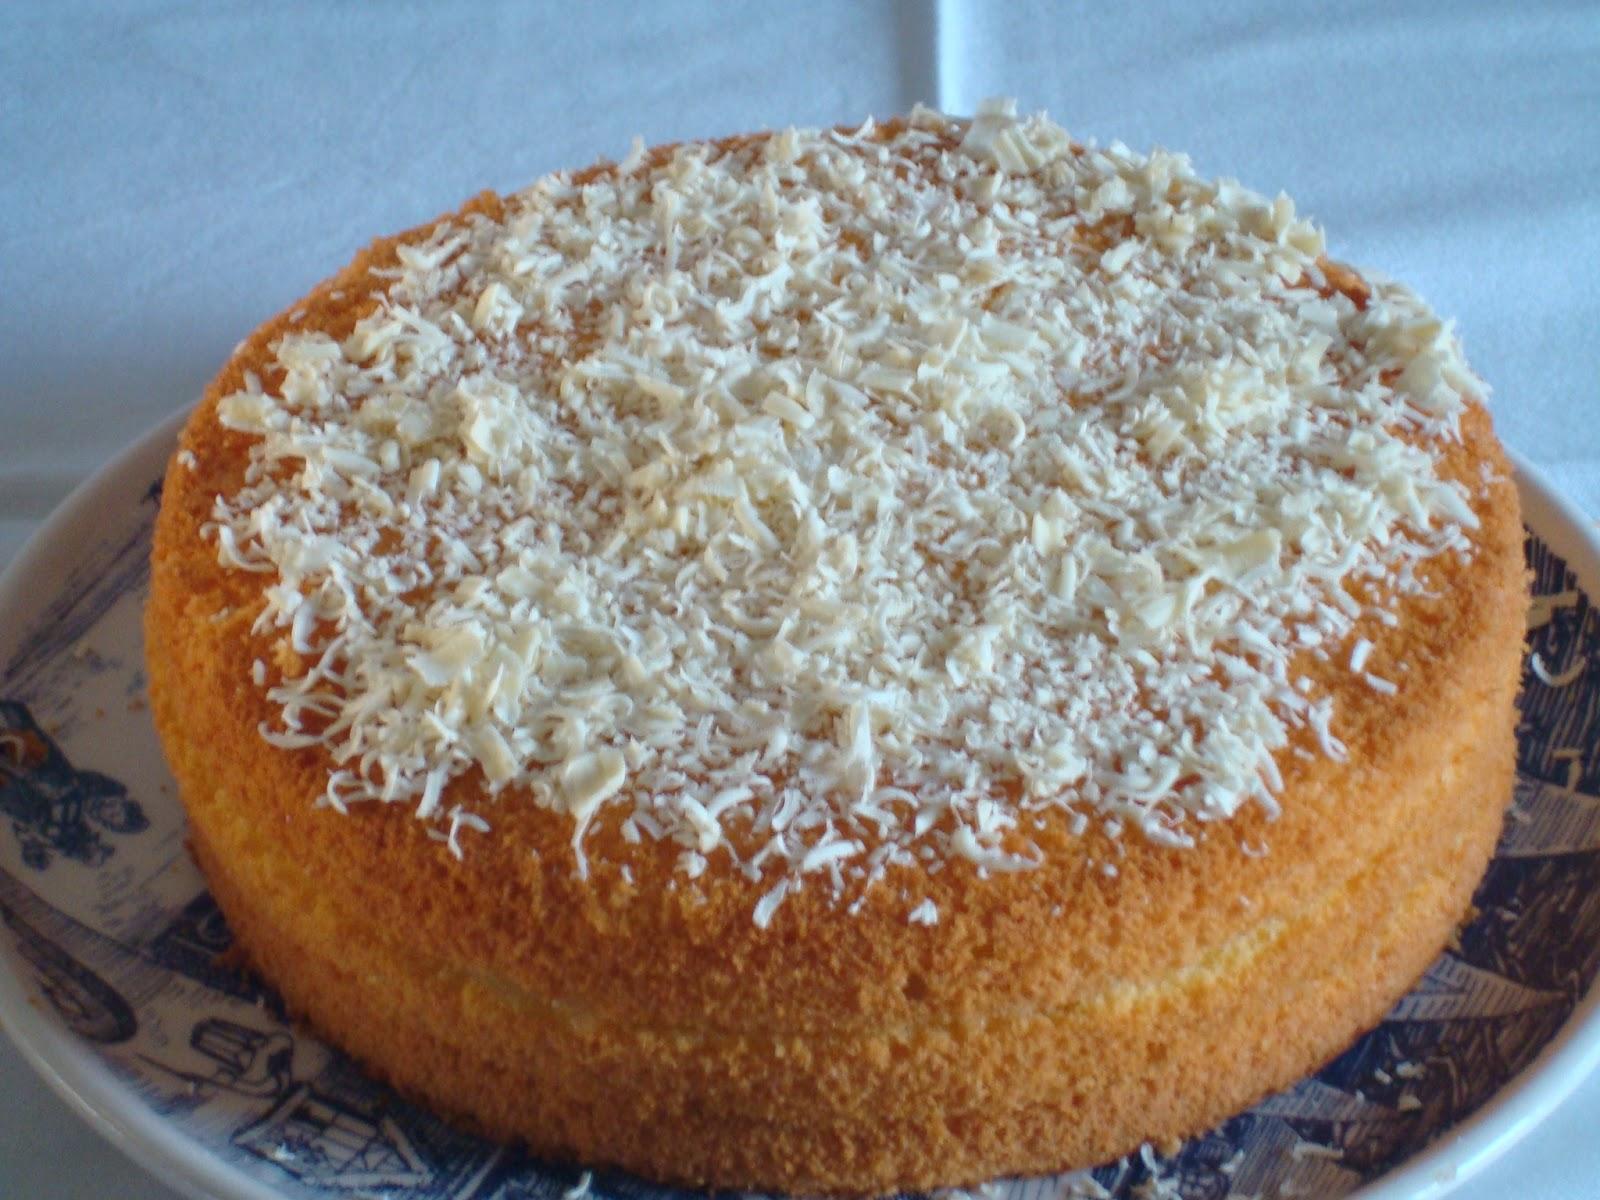 Cognate in cucina: Chiffon cake con crema al limone